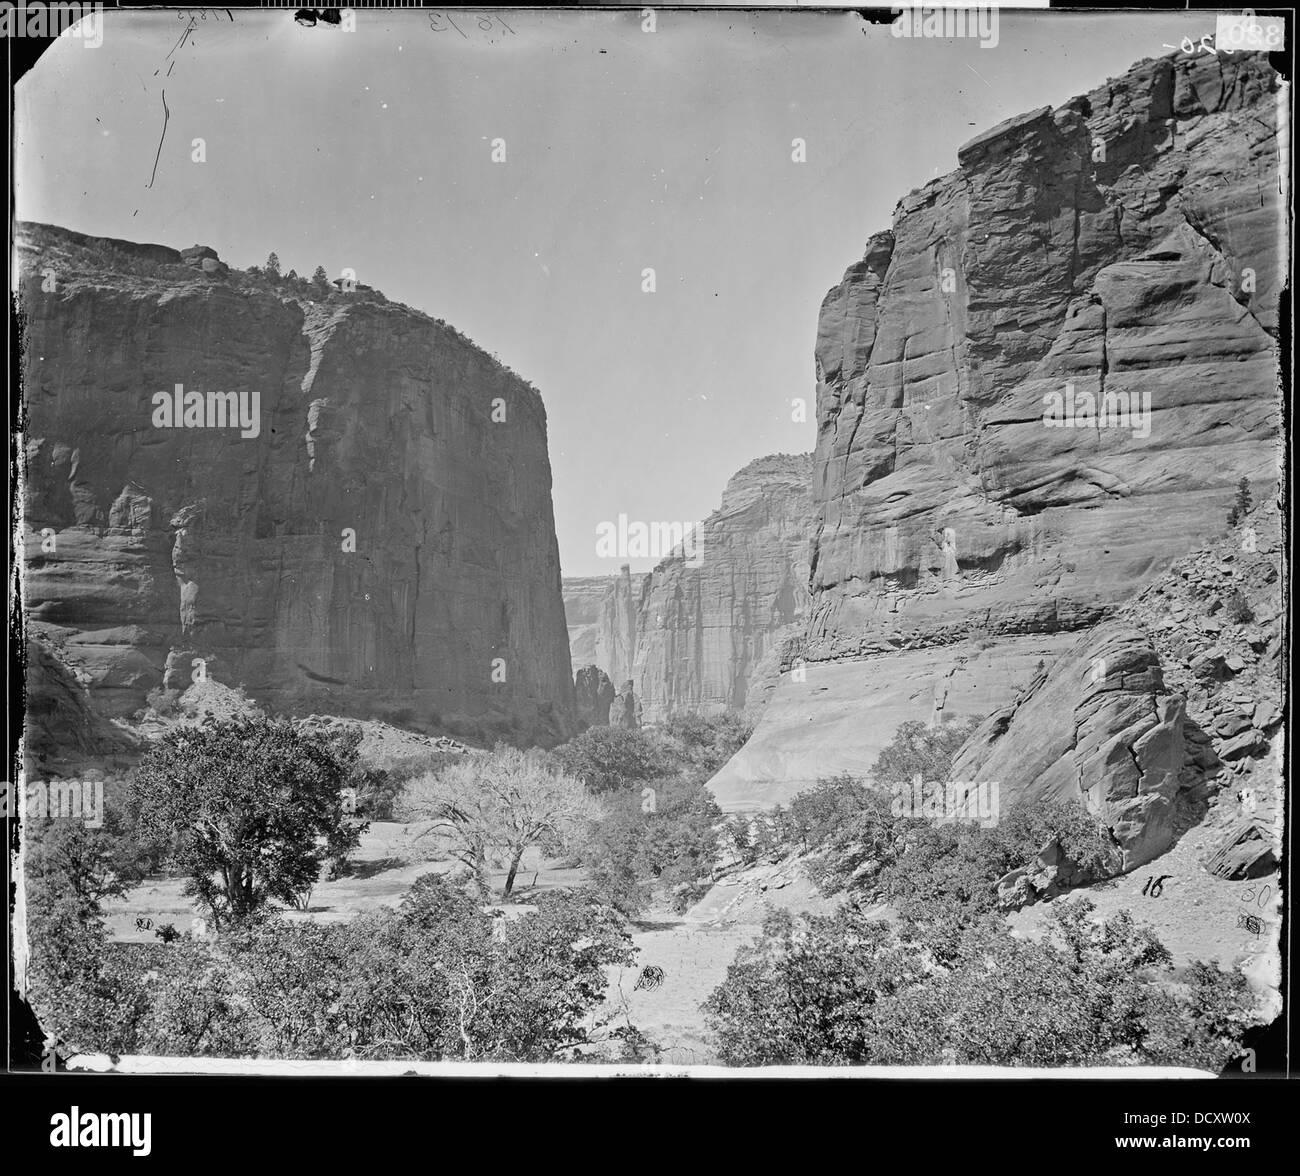 Tête DE CANYON DE CHELLE, LES MURS À 1200 pieds de hauteur, Arizona - - 524271 Banque D'Images